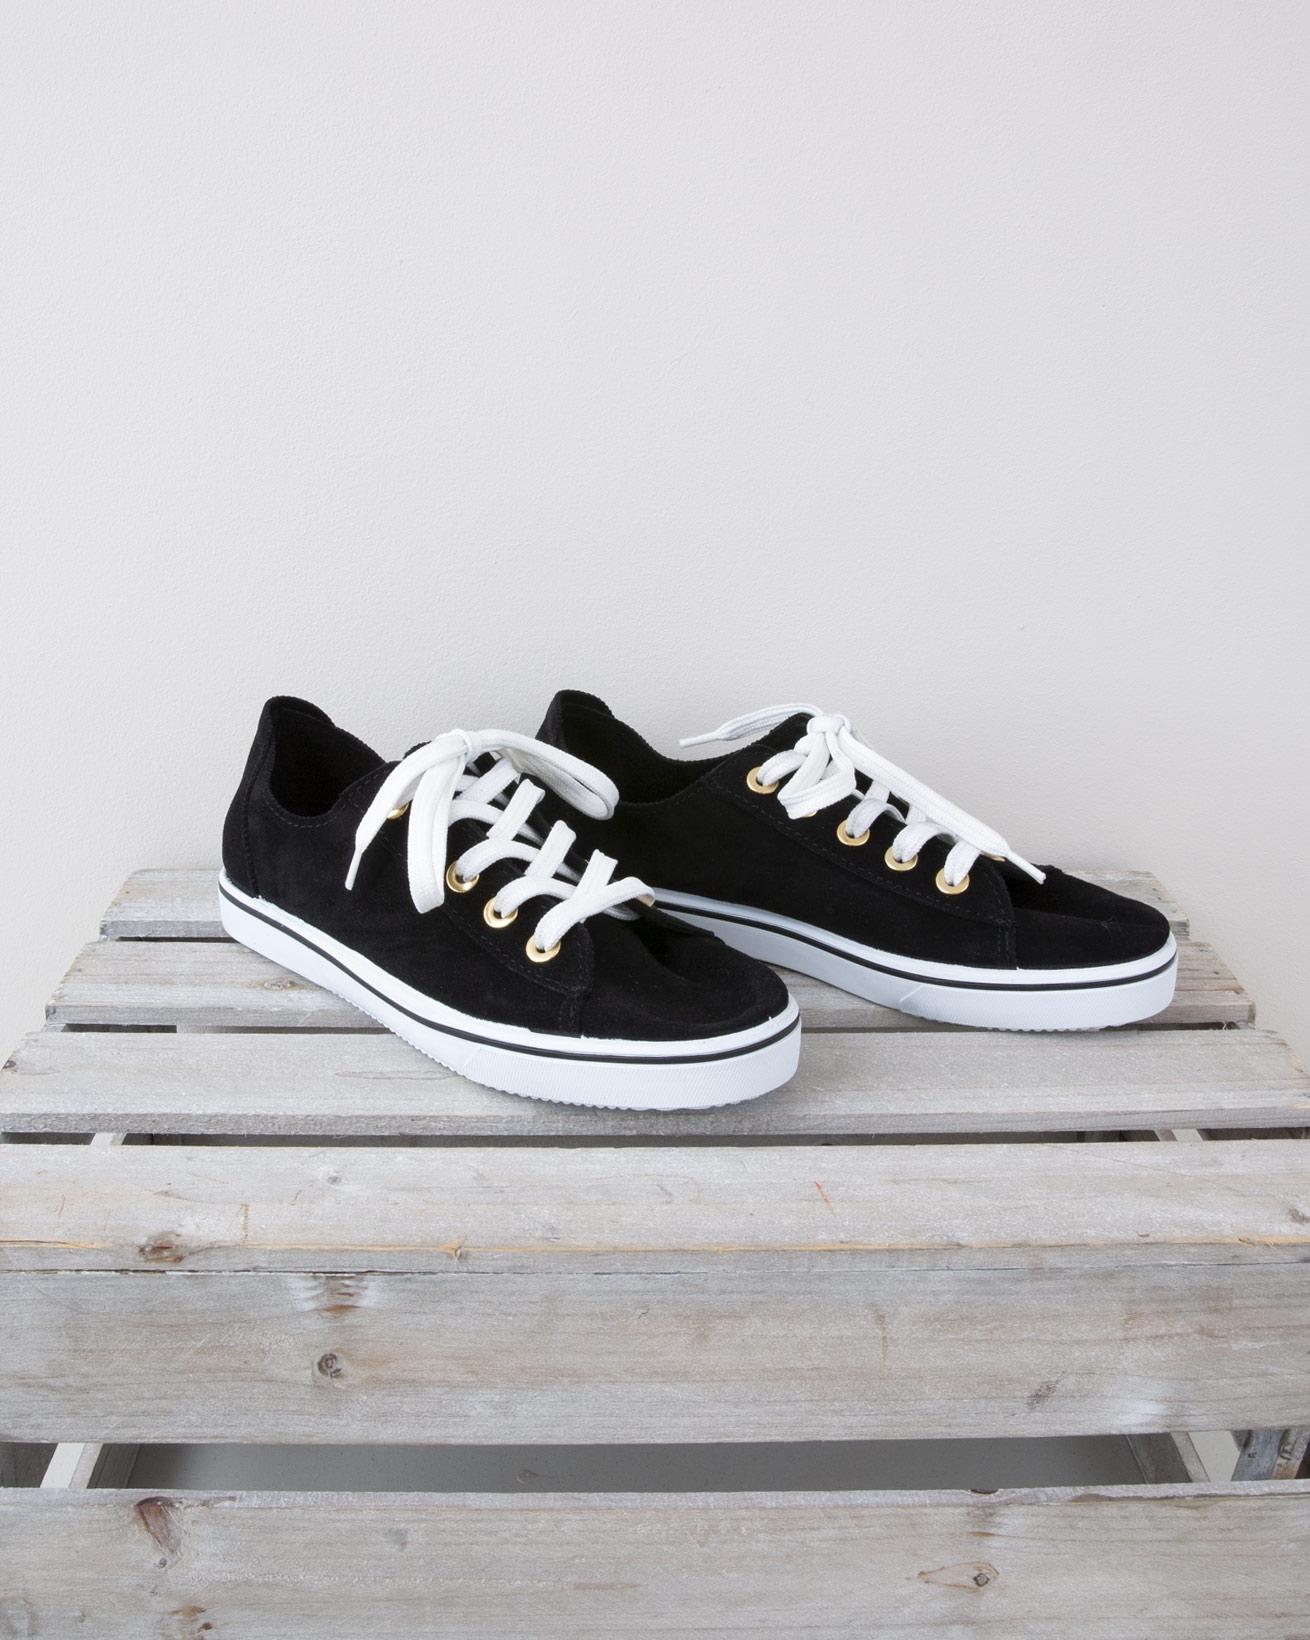 lace Up Pump - Size 40 - Black - 1318